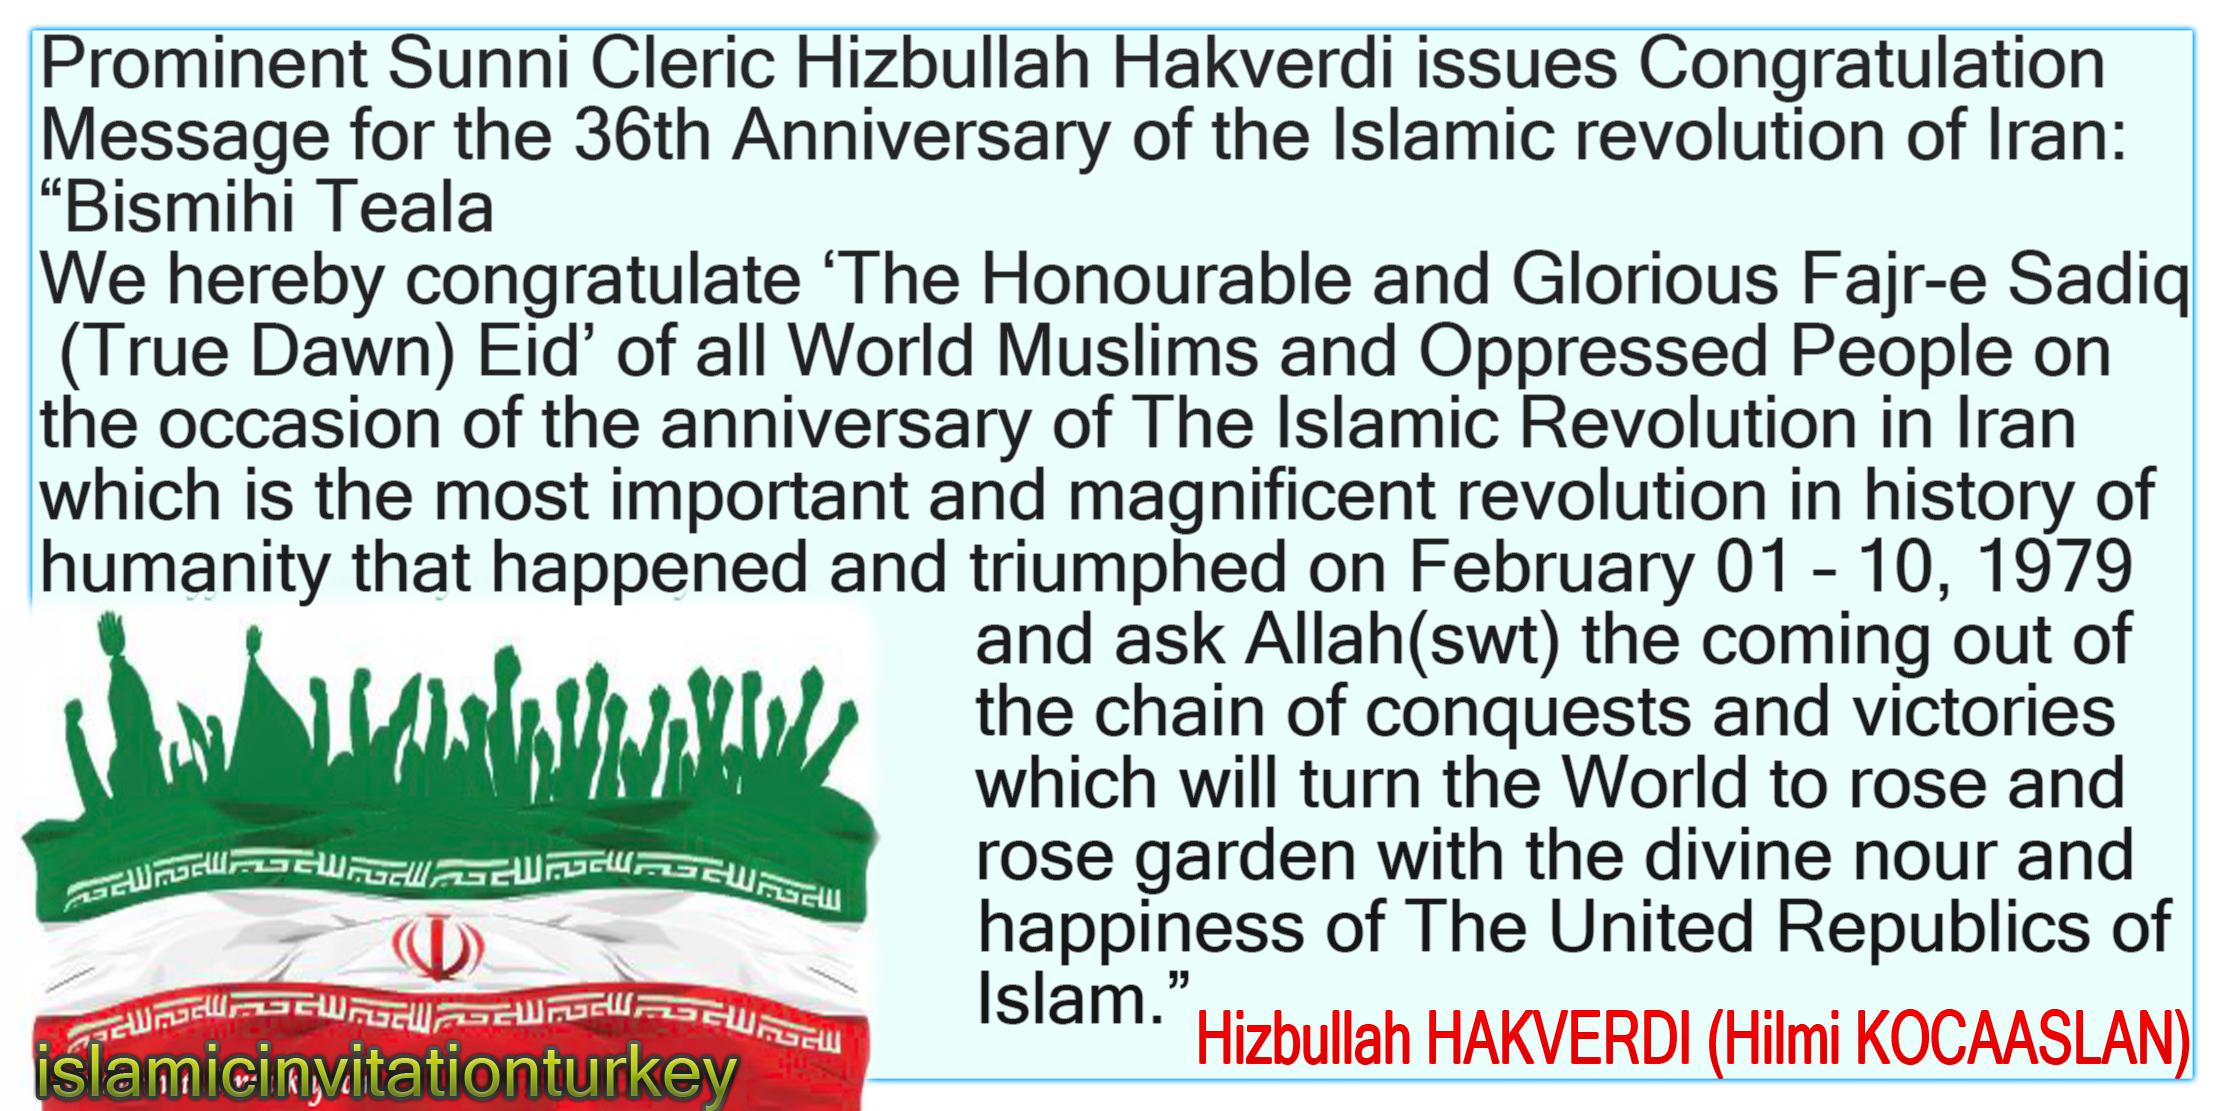 hizbullah hakverdi